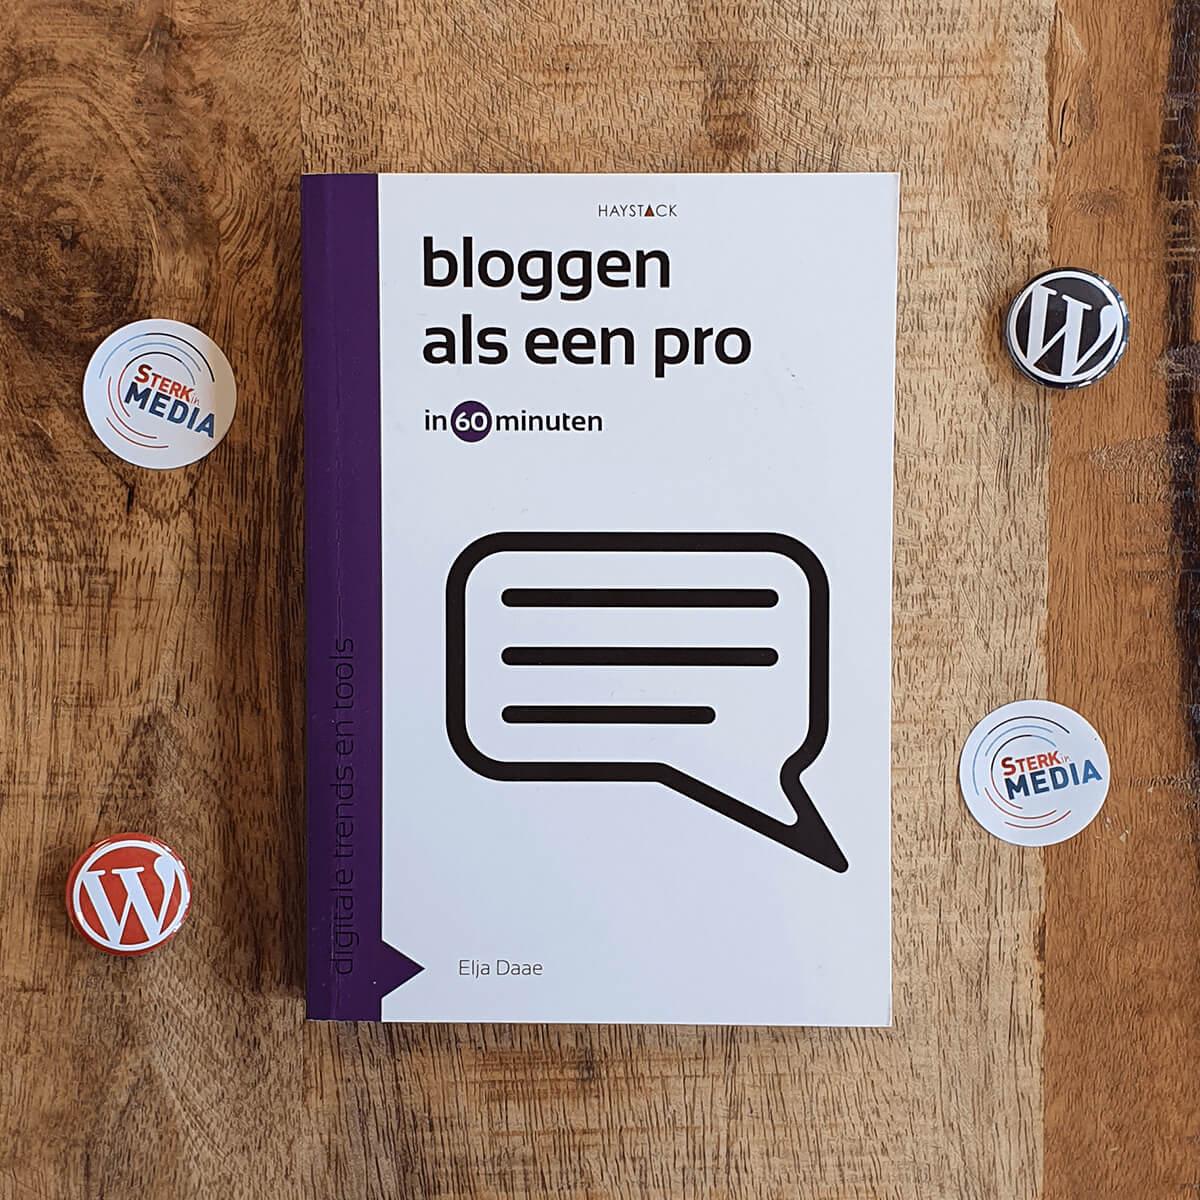 boeken-review_bloggen-als-een-pro